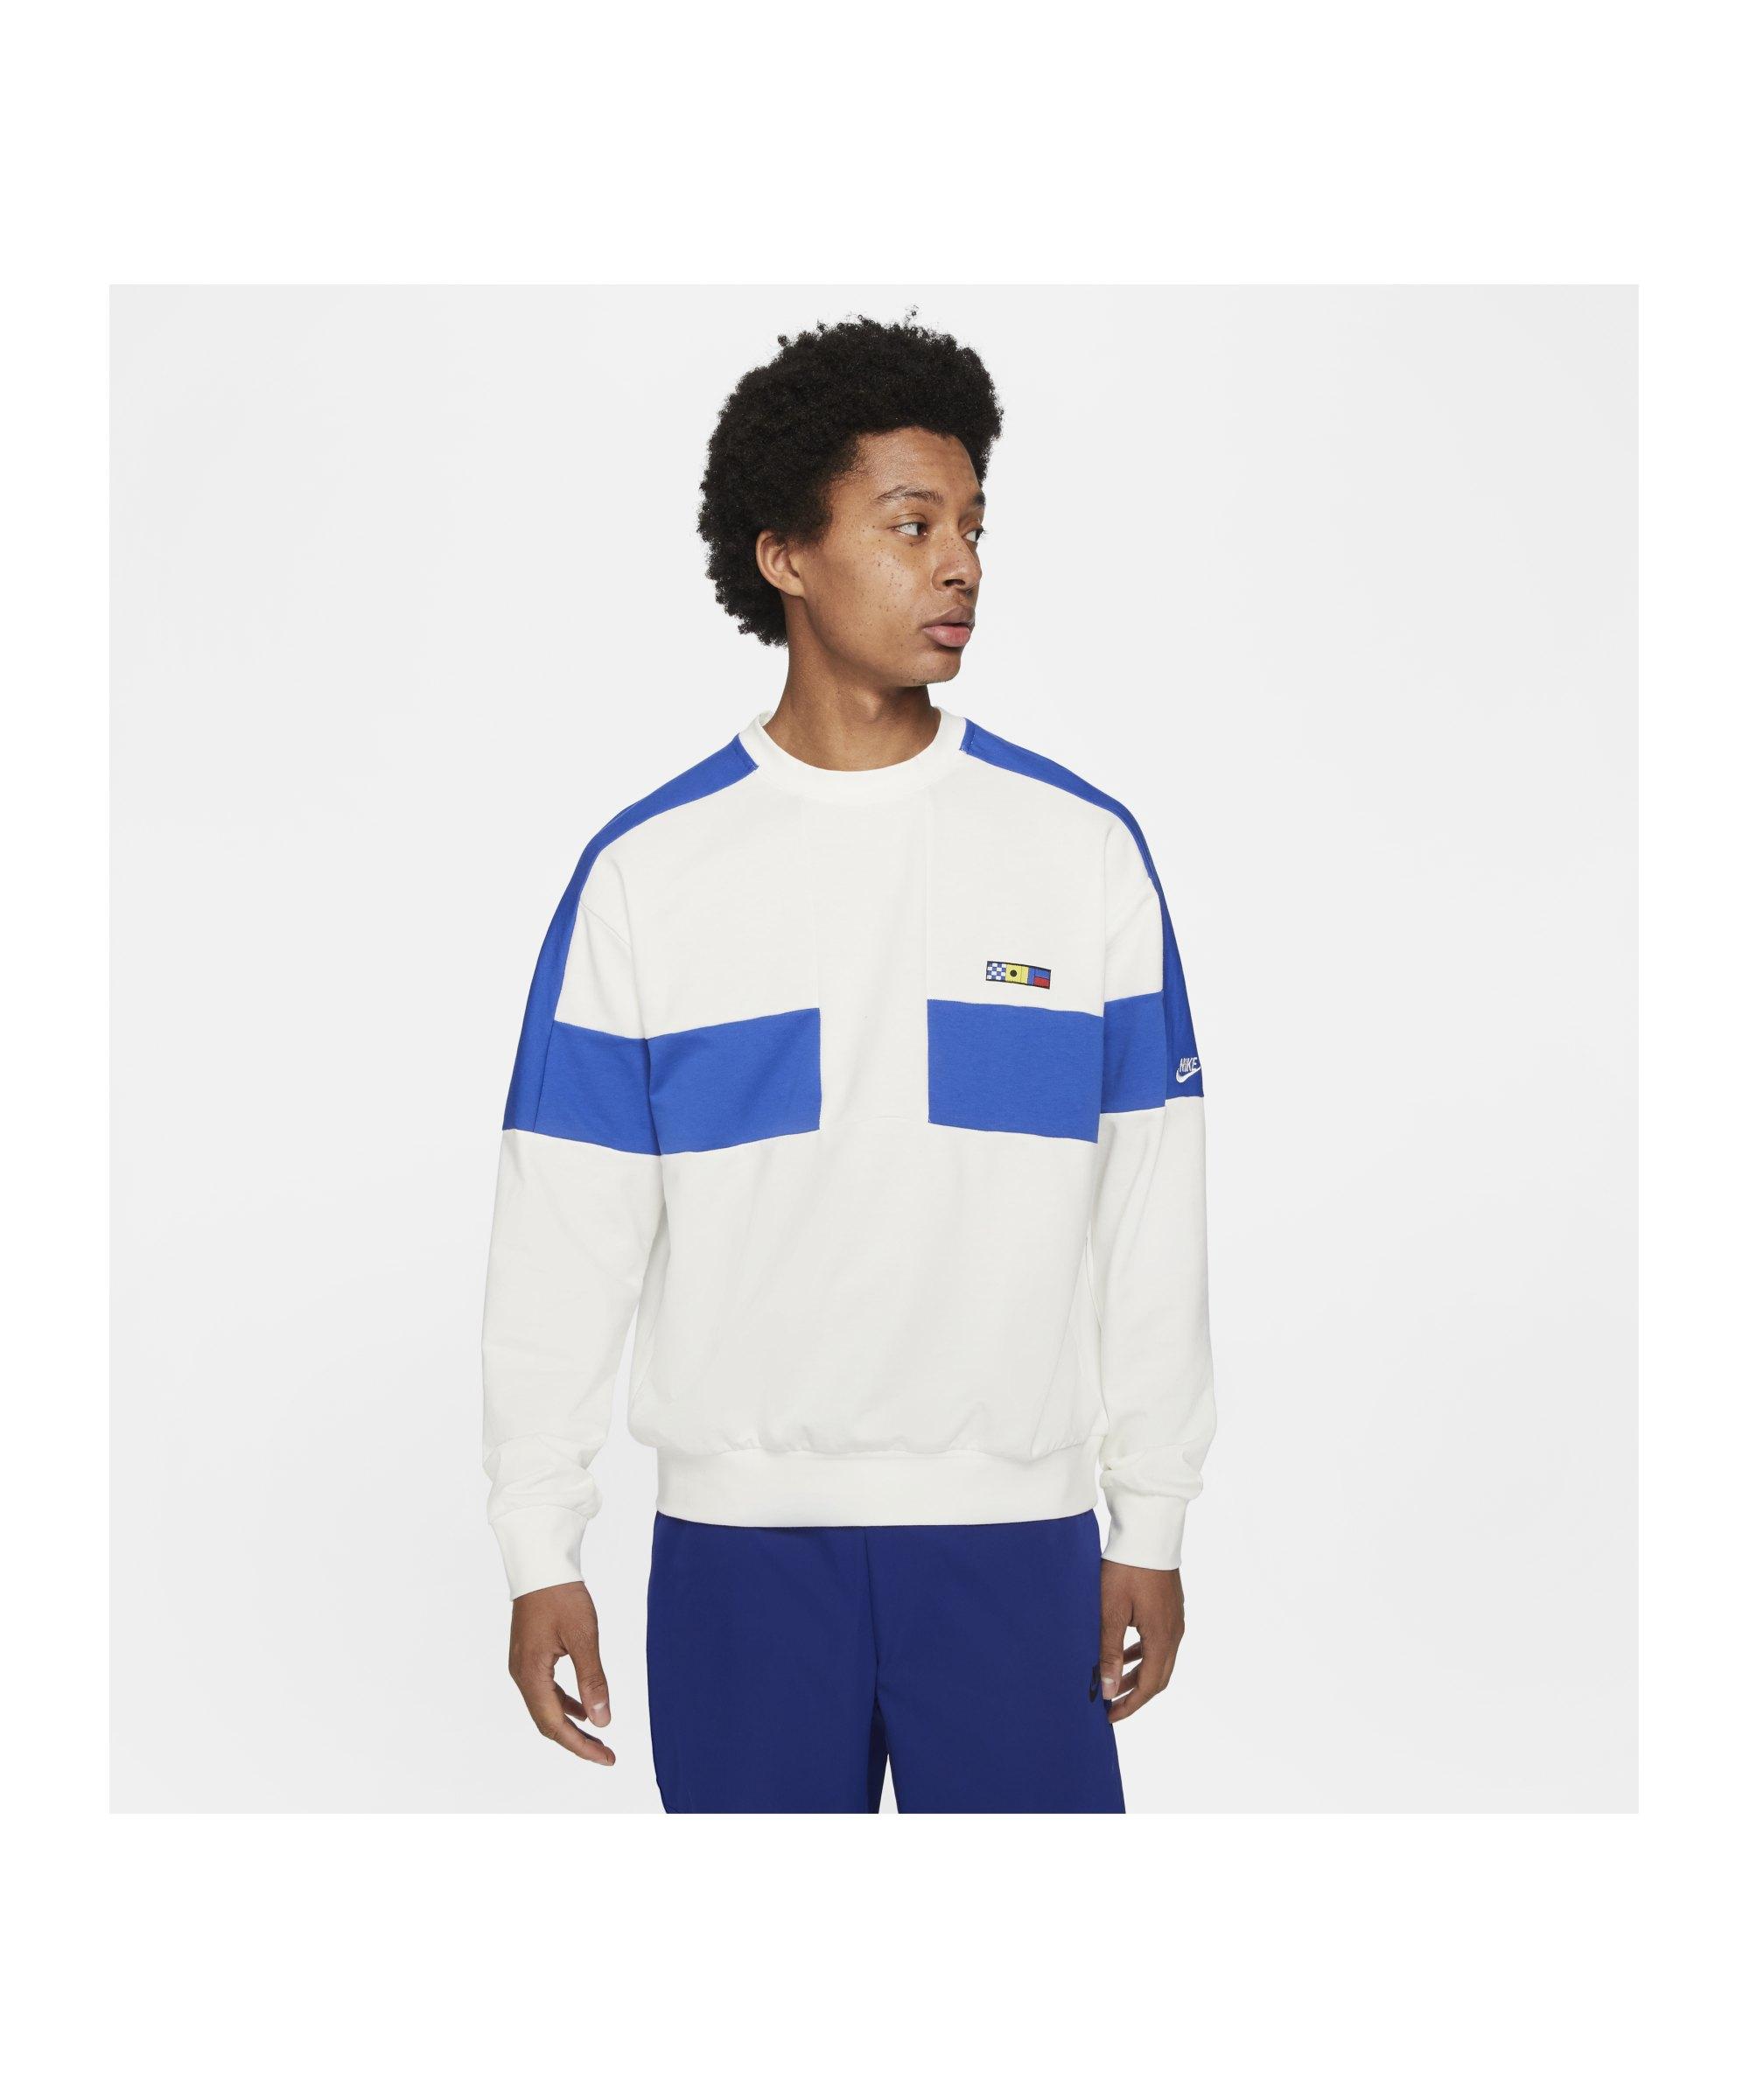 Nike Reissue Fairlead Sweatshirt Weiss Blau F133 - beige